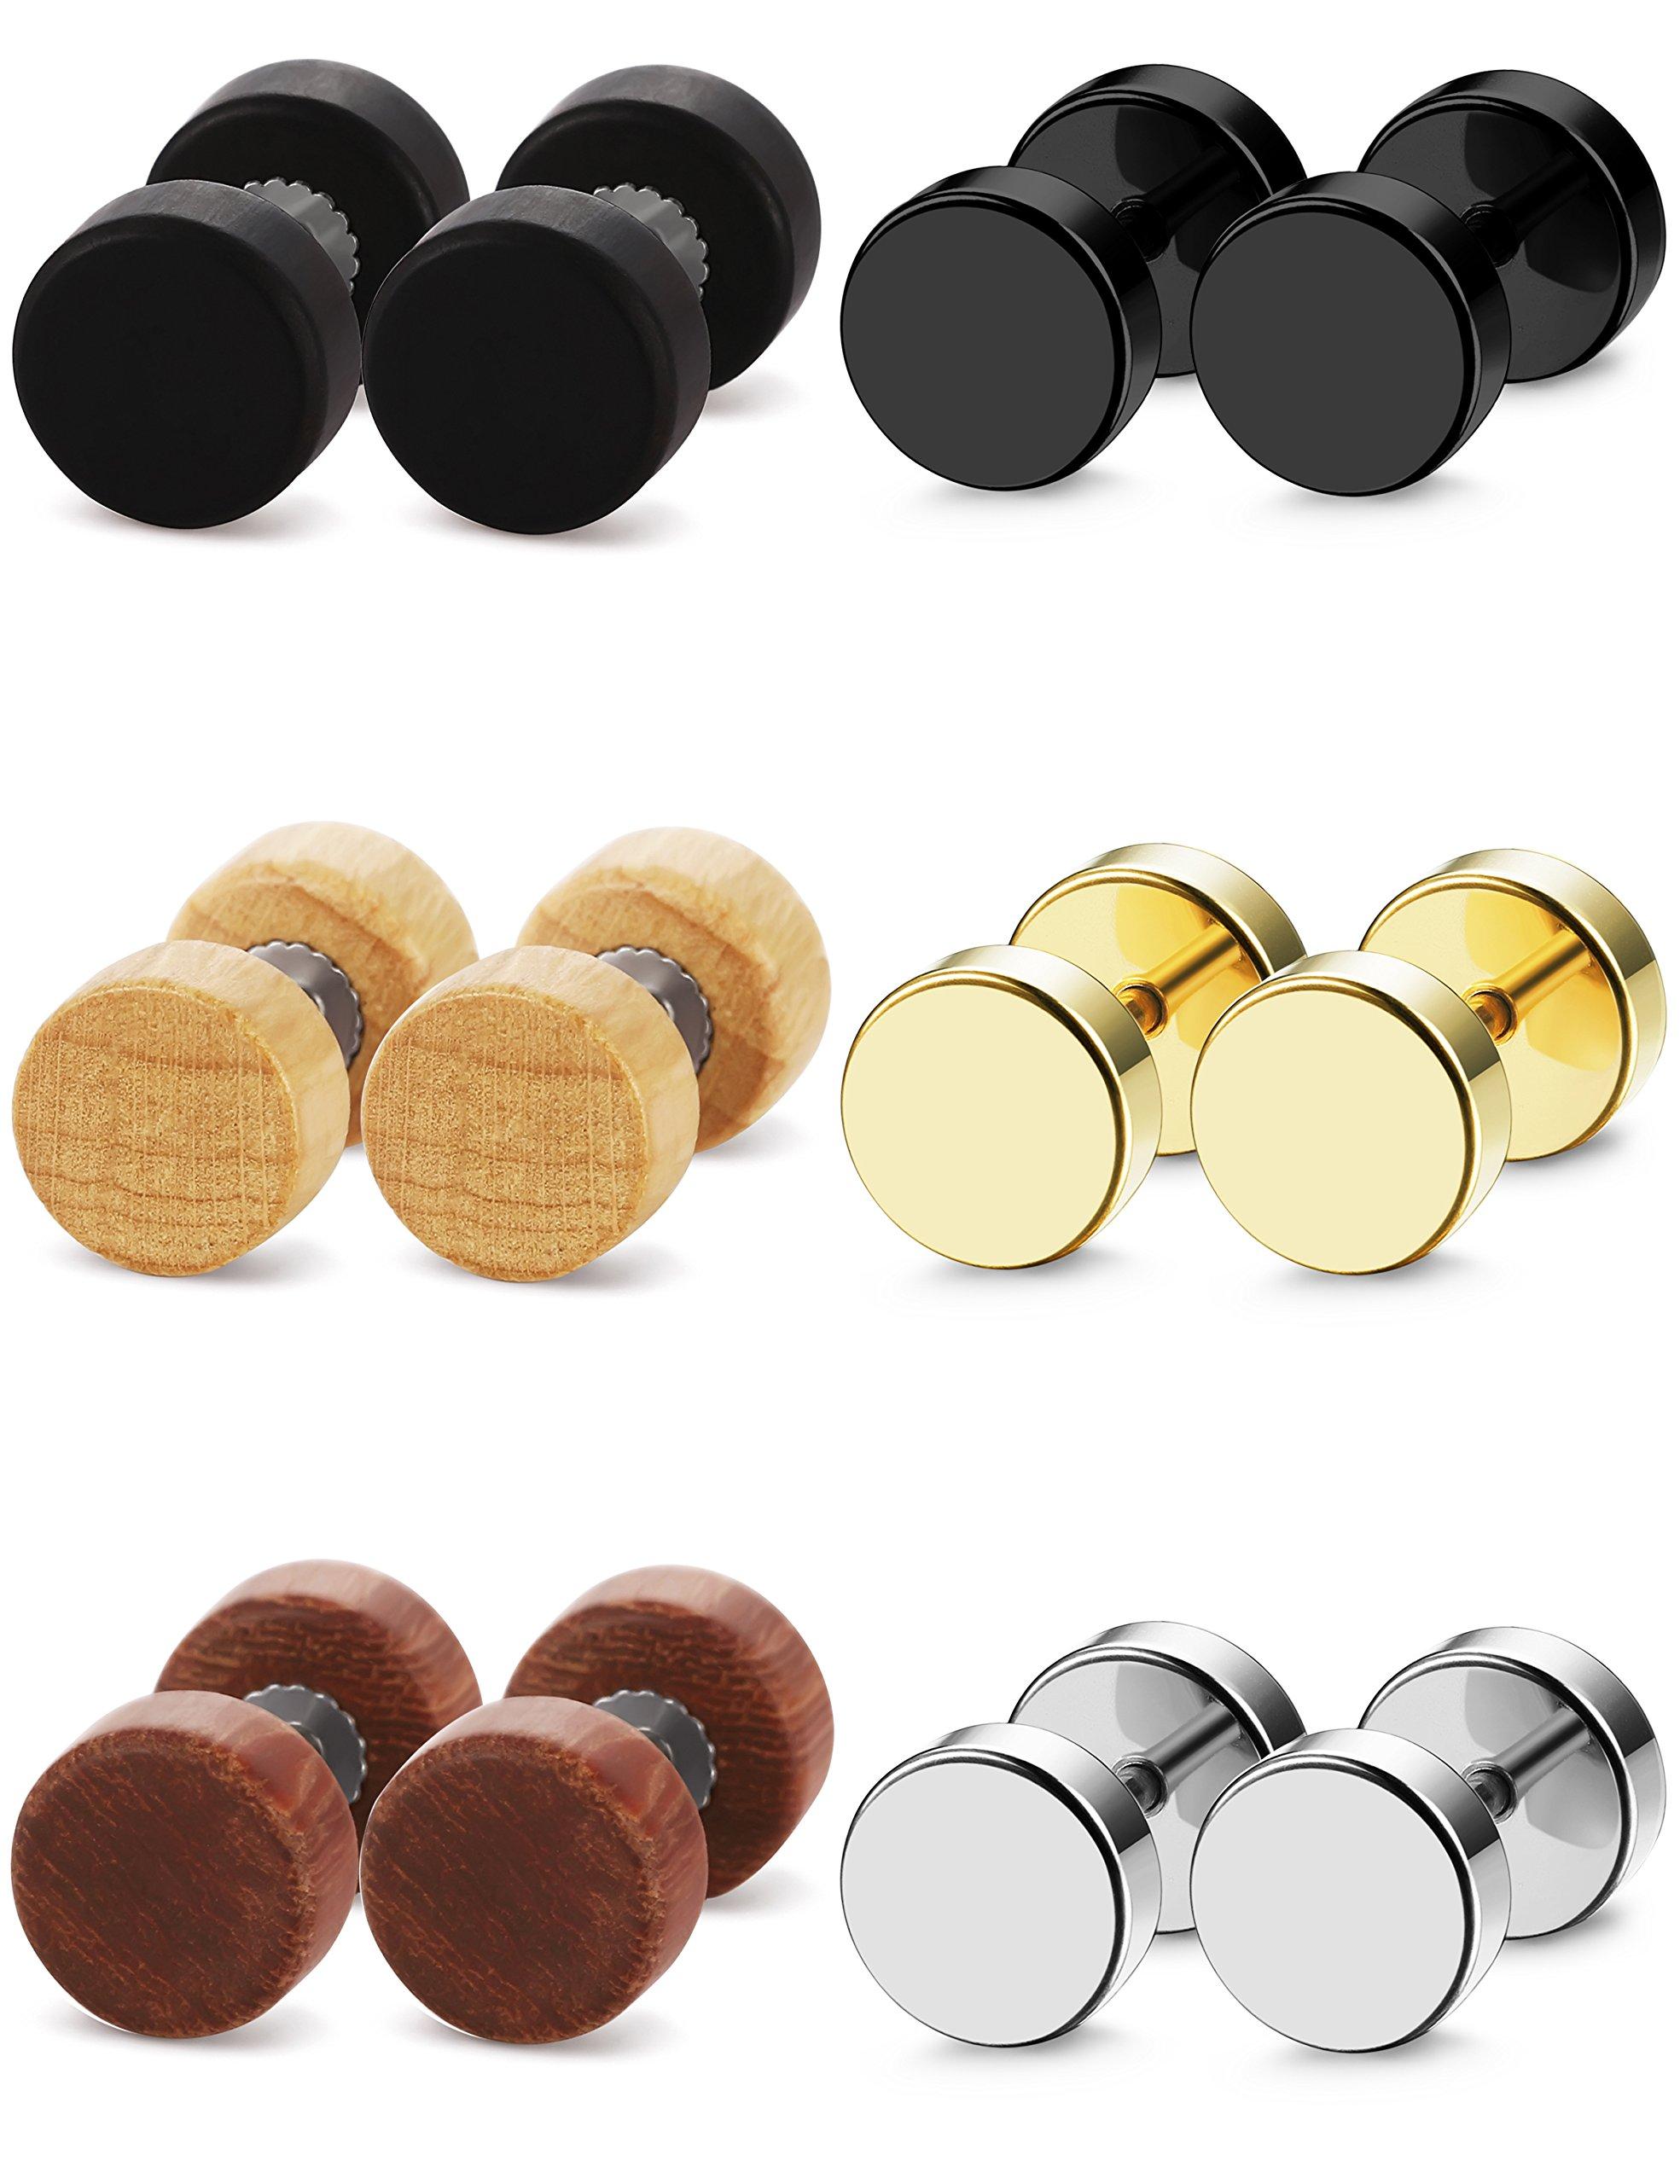 FIBO STEEL 6 Pairs Stud Earrings for Men Women Ear Piercing Ear Plugs Tunnel 18G,8MM